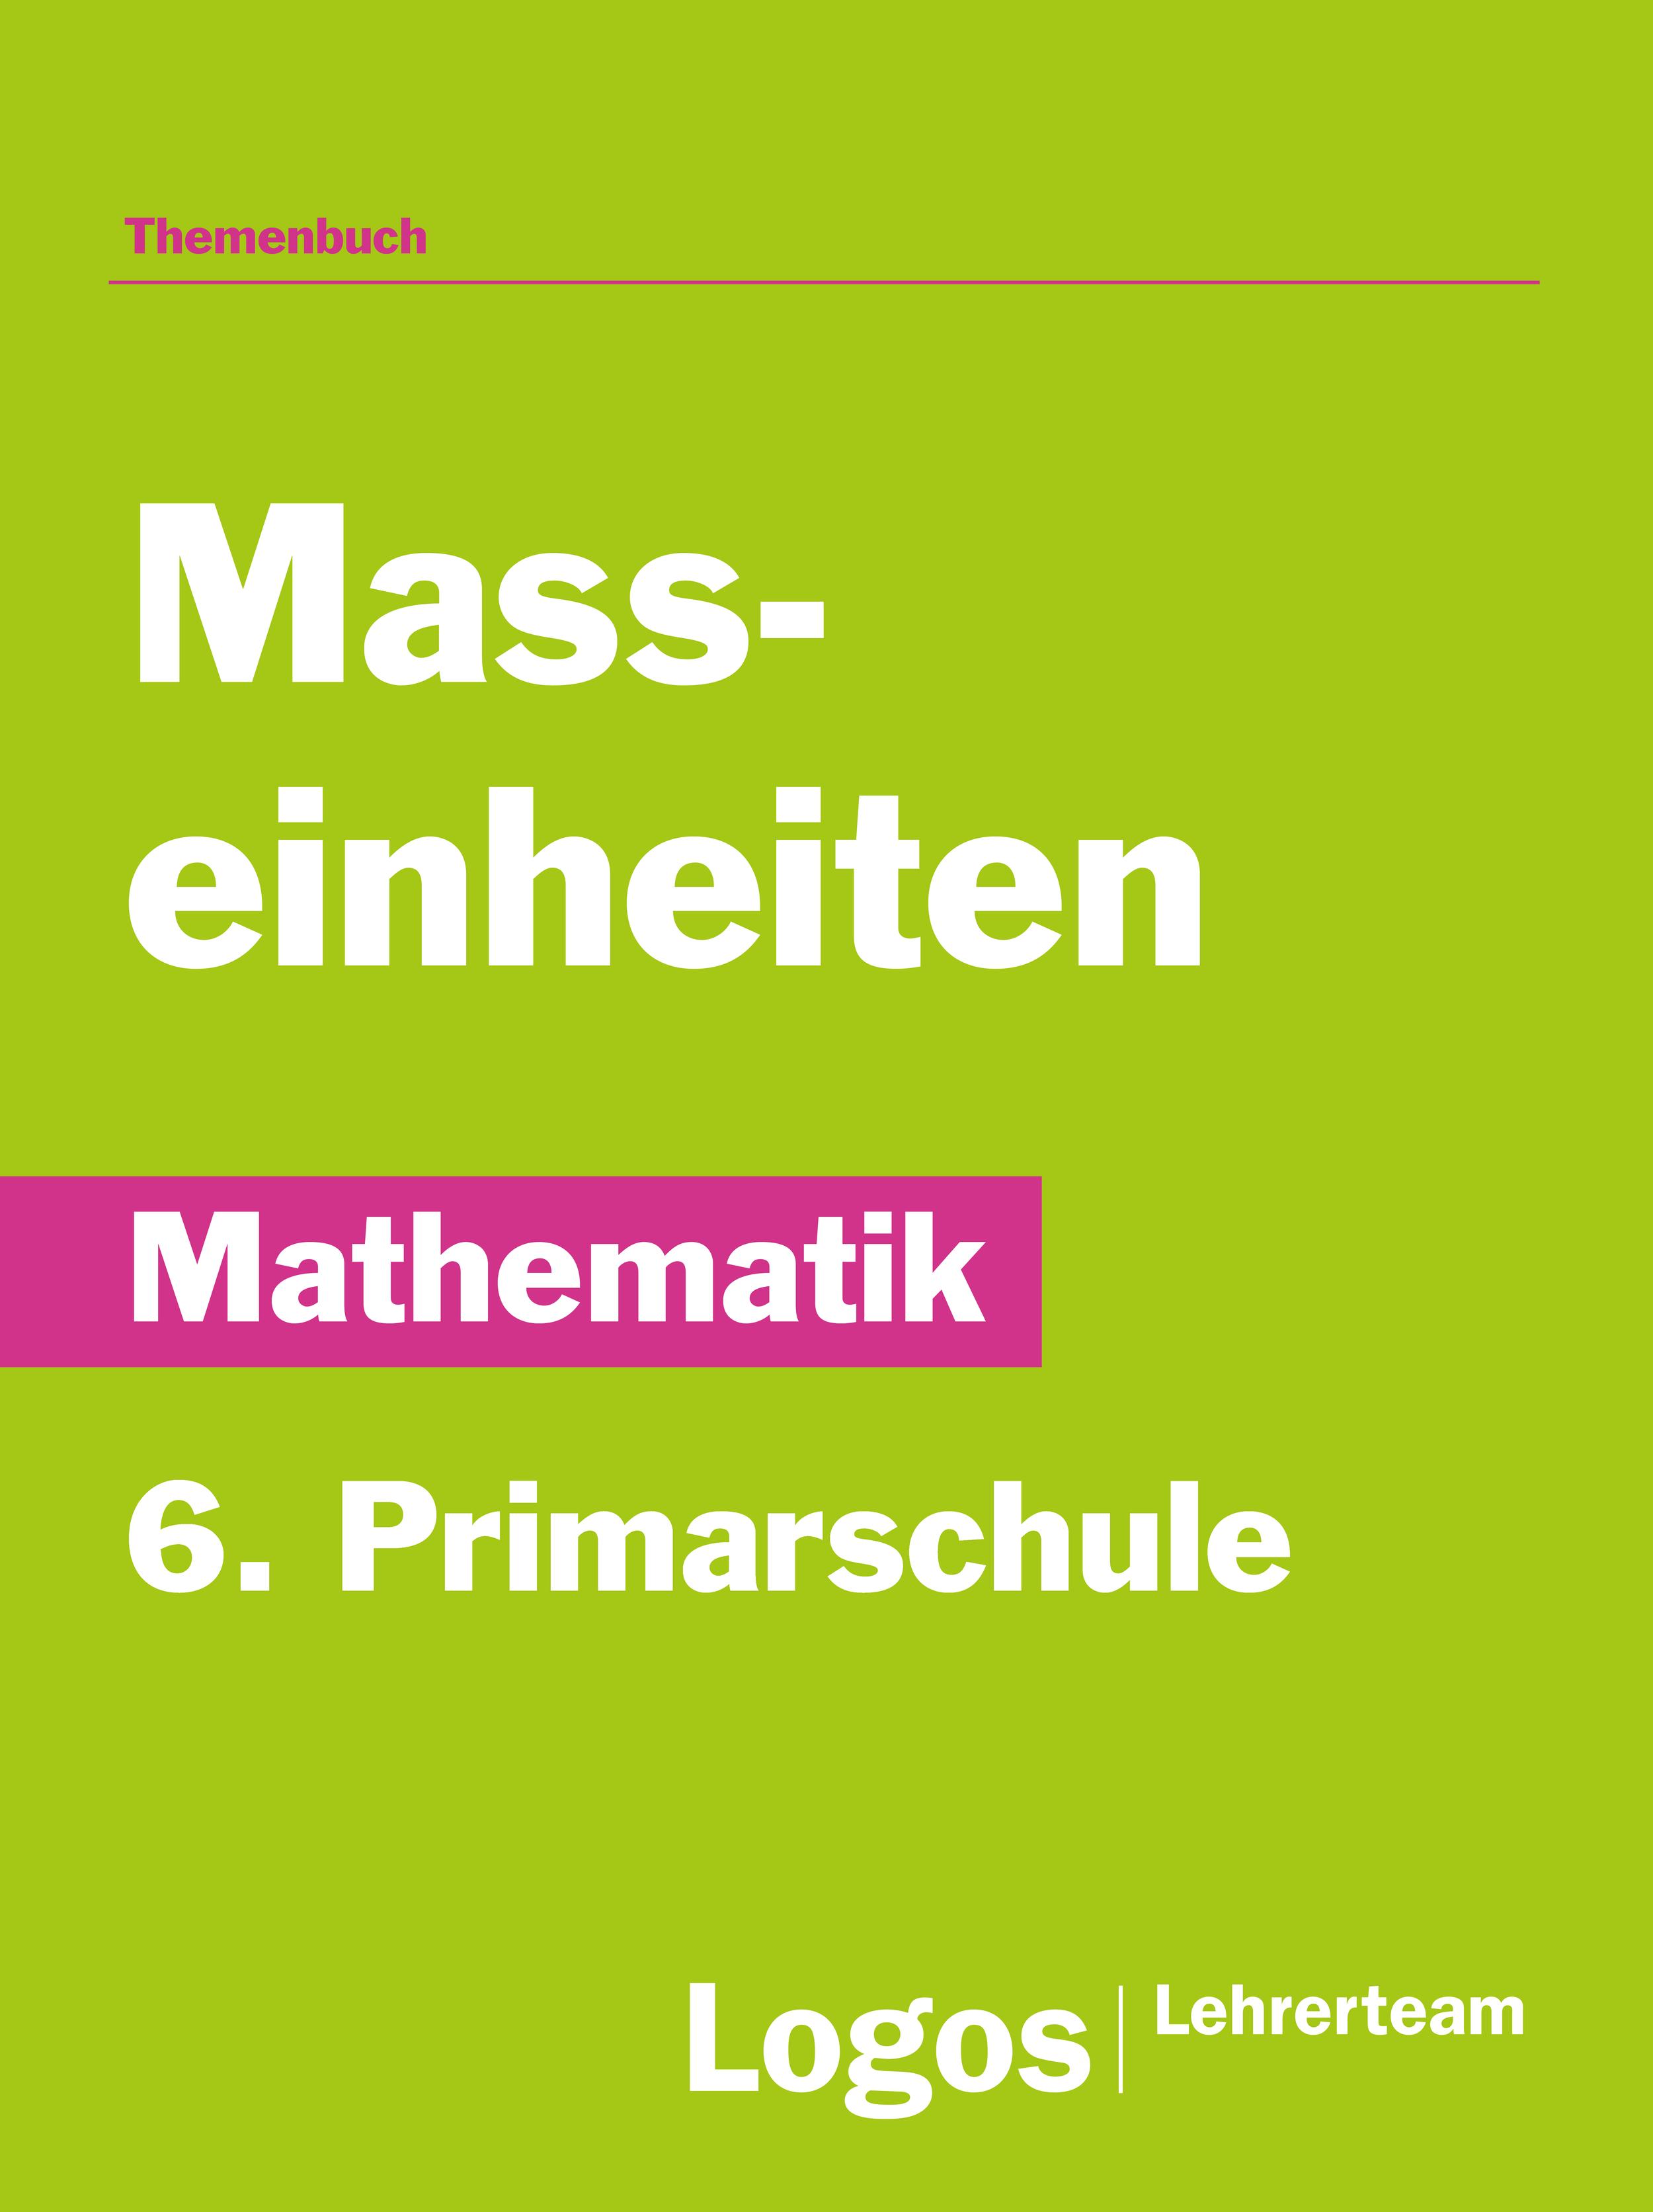 Mathe Masseinheiten - Primar